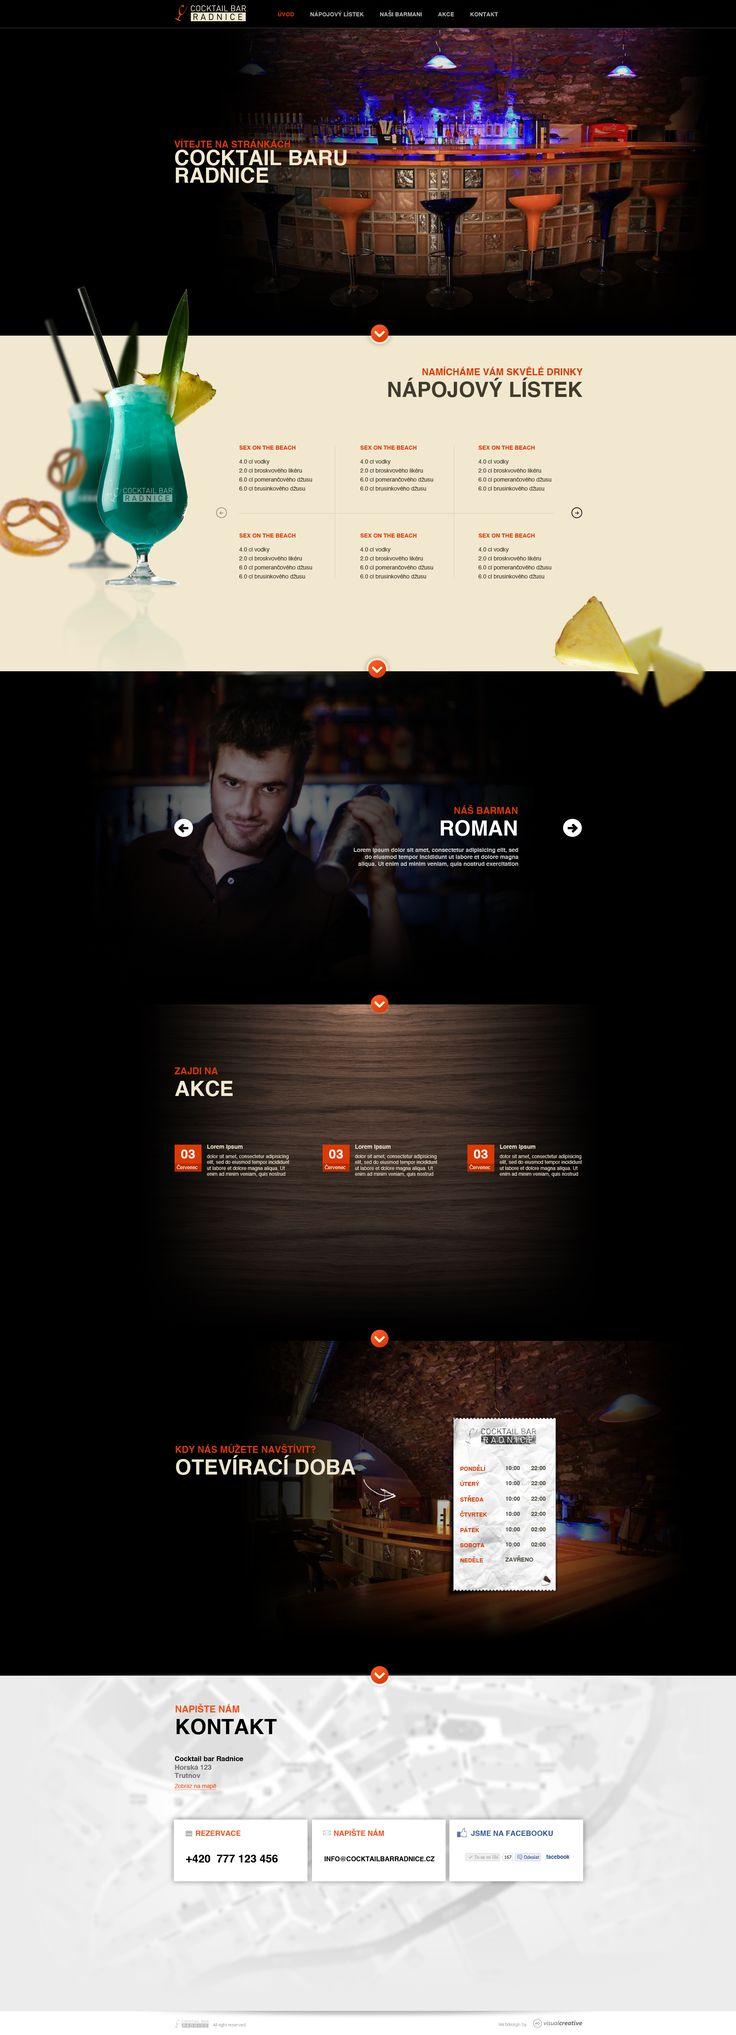 Cockatil bar by Visual-Creative